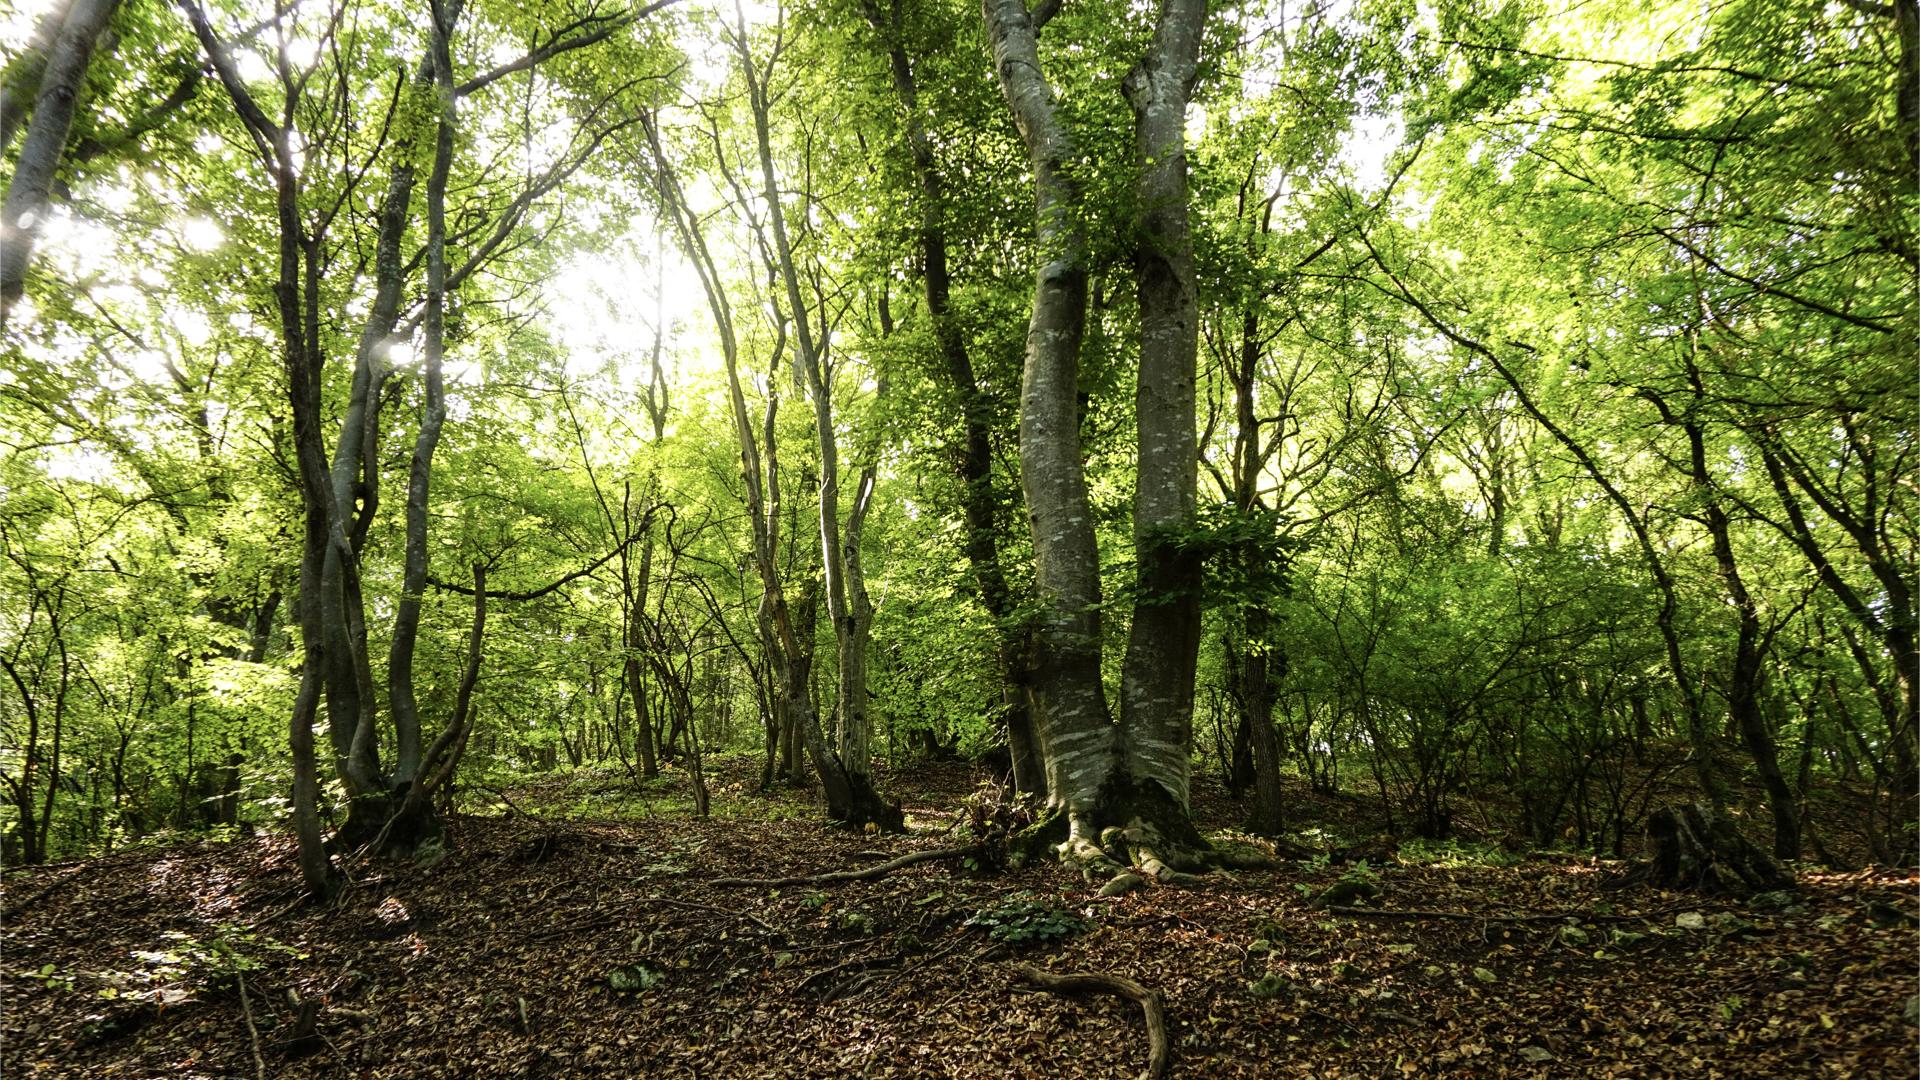 一片高大樹木的森林